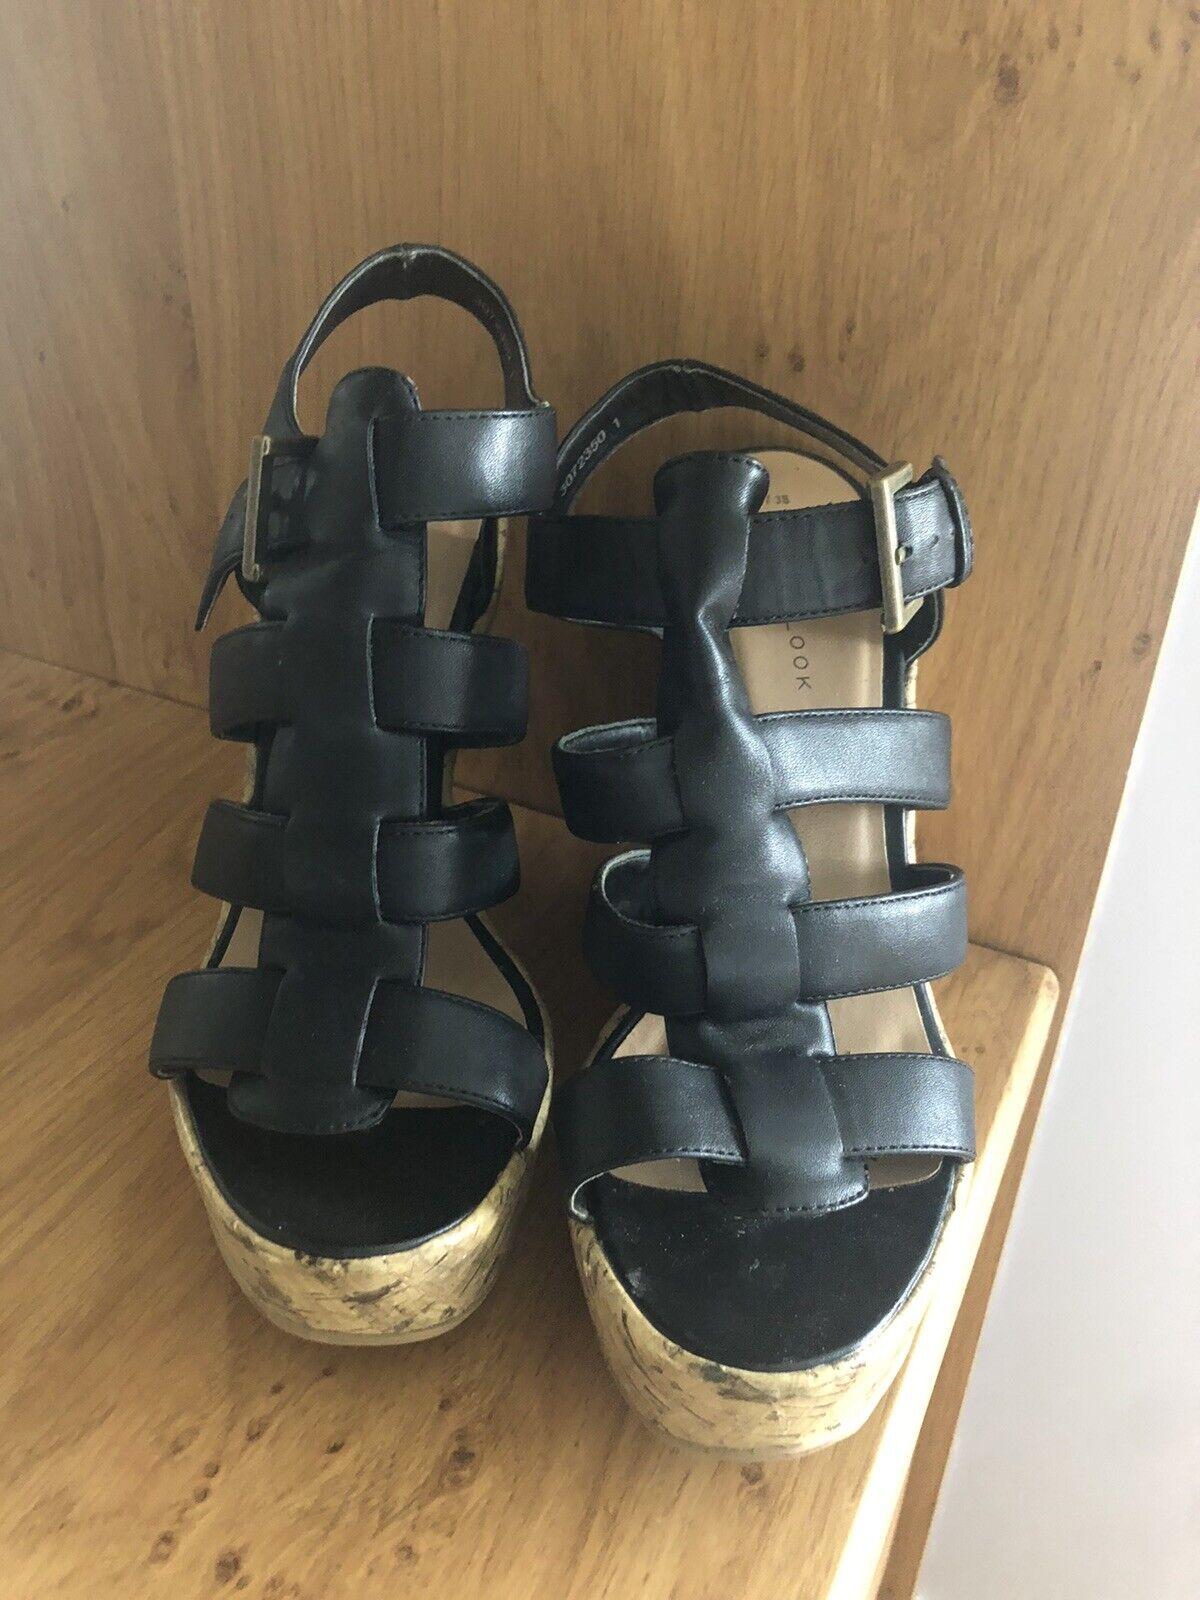 New Look Black Size 5 Cork Heels